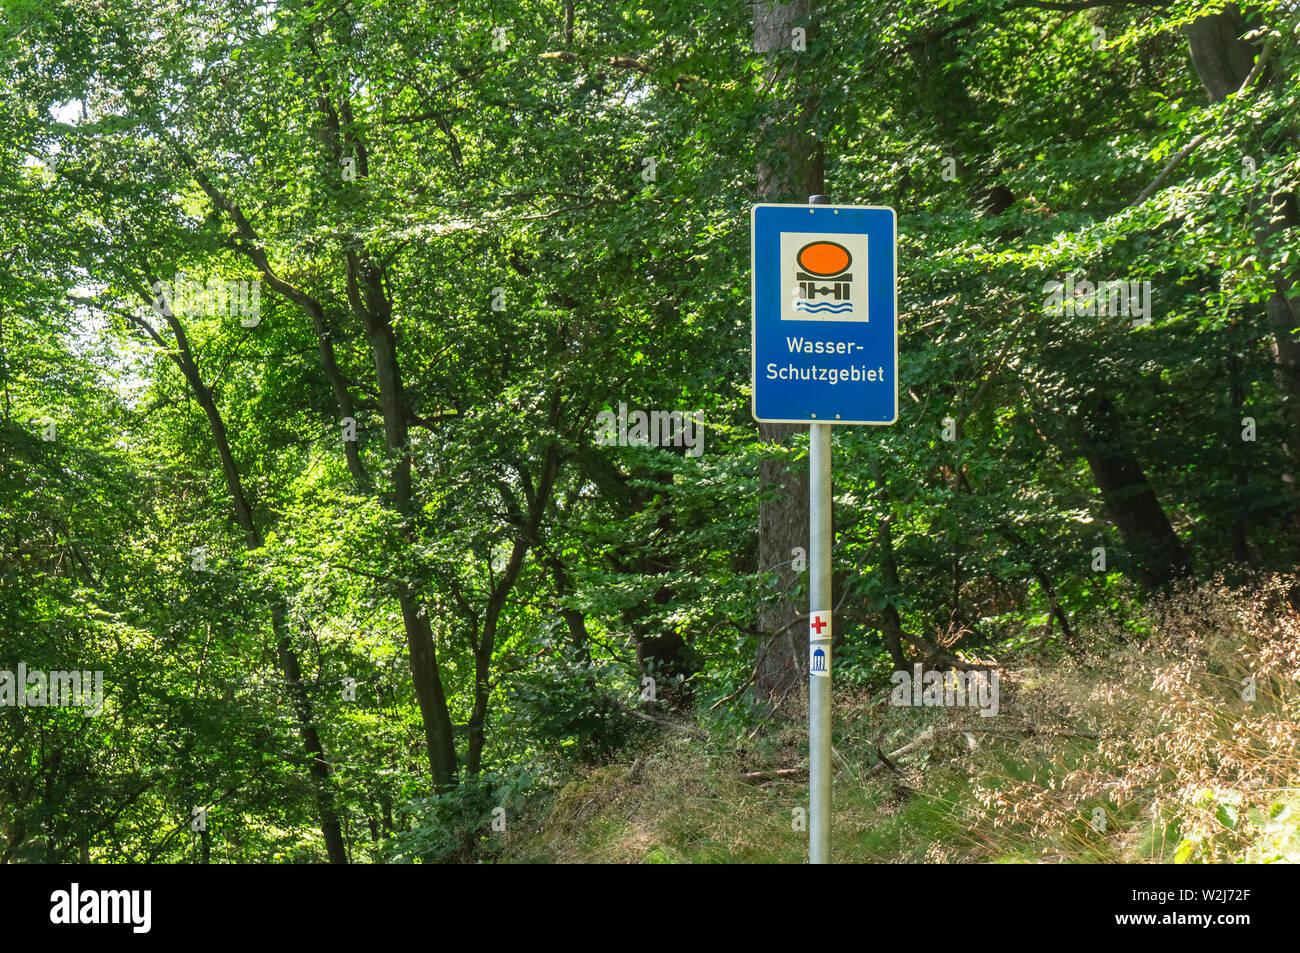 Un signal d'information d'une zone de protection de l'eau dans le Taunus, Allemagne près de Bad Homburg. Banque D'Images